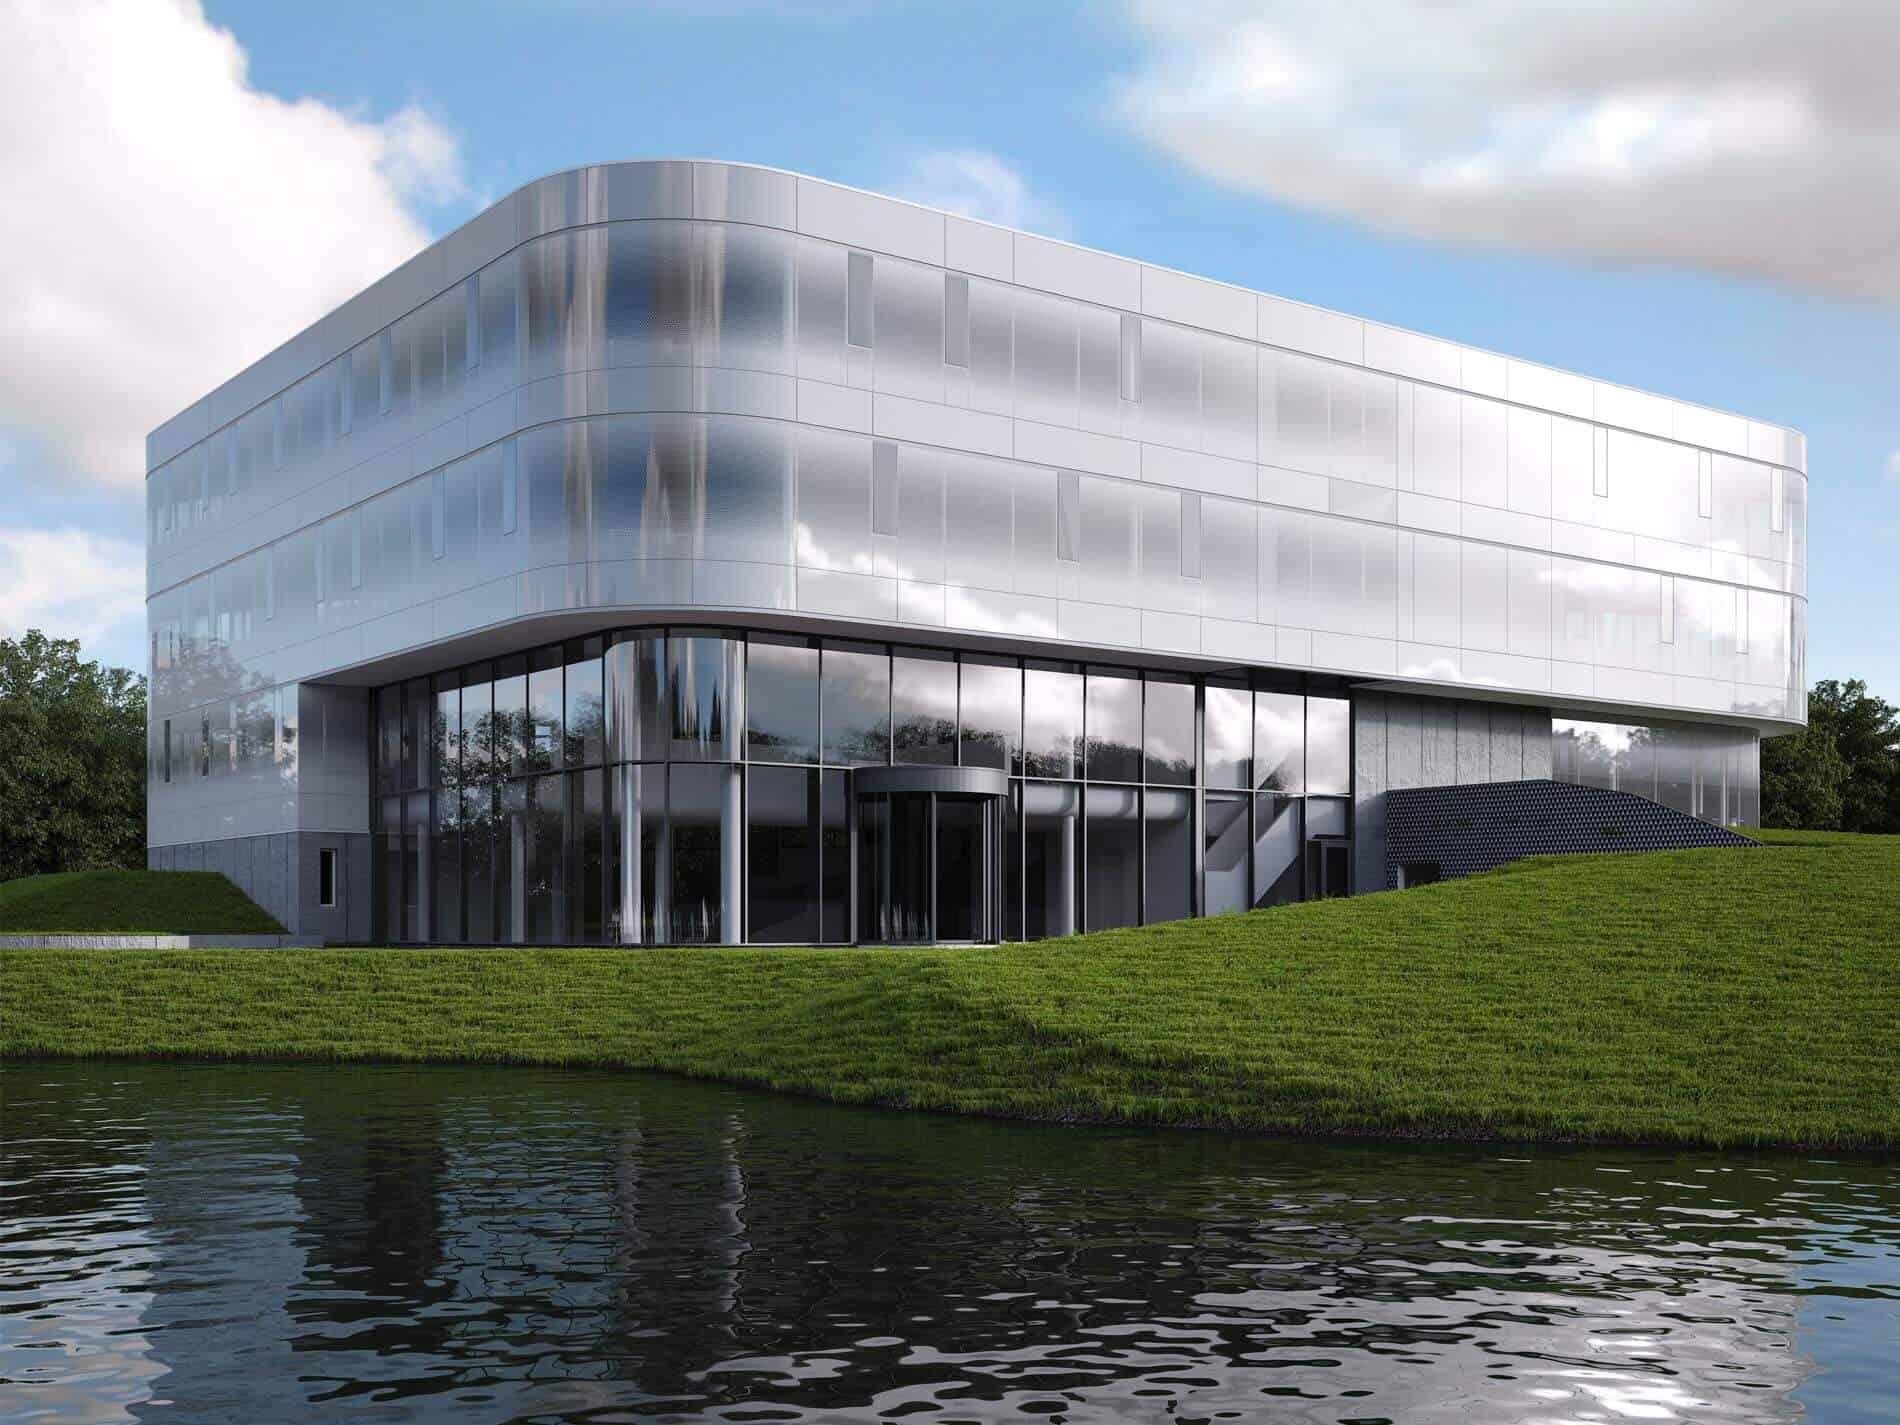 Kantoor Vreugdenhil Dairy Foods door Maas architecten